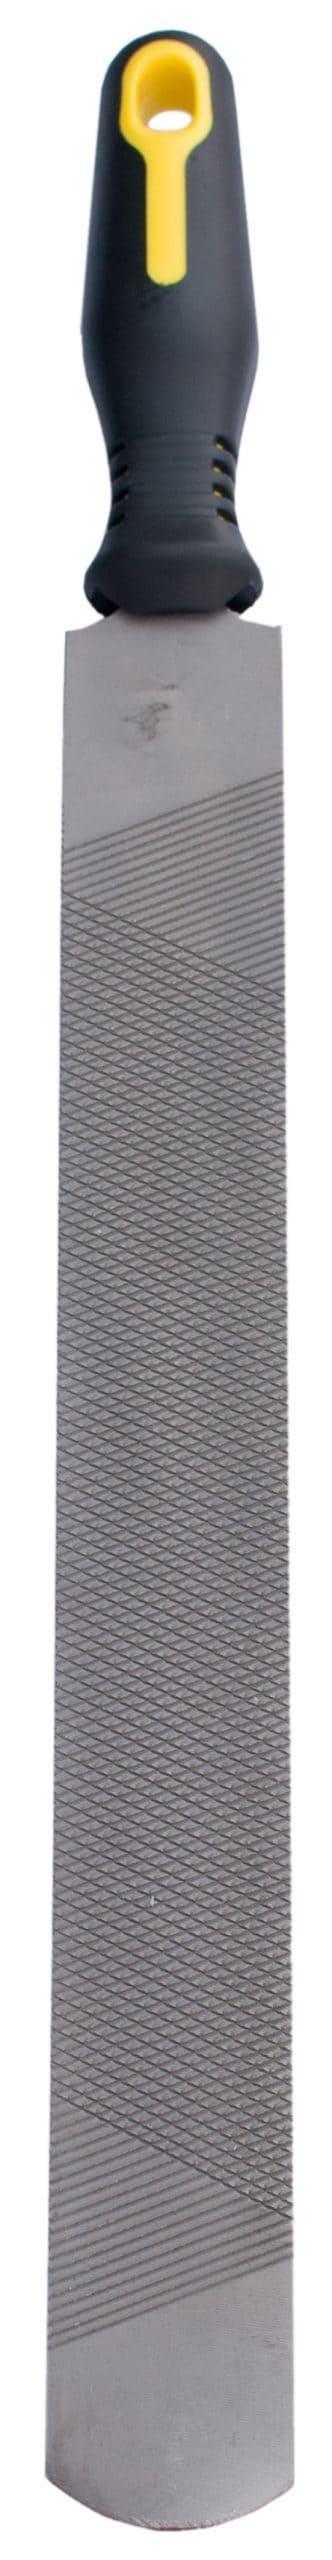 Hoefrasp recht 35 cm met Handvat 1